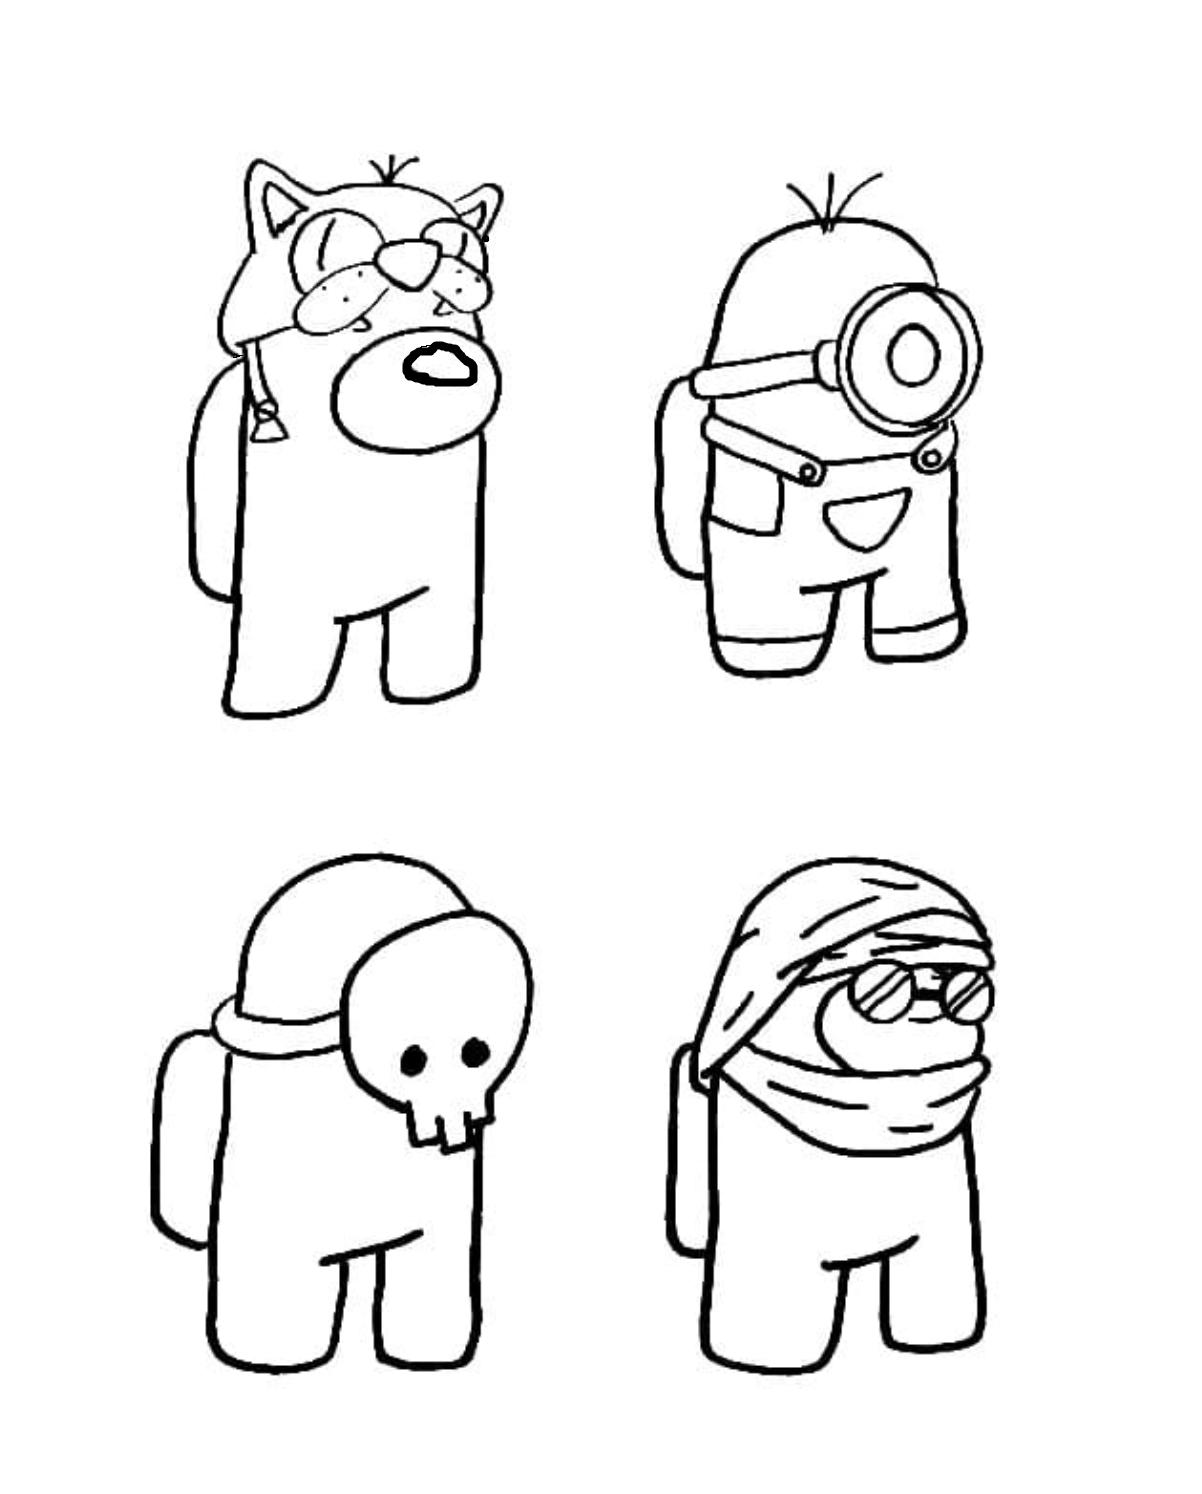 Раскраска амонг ас персонажи на vipraskraski.ru